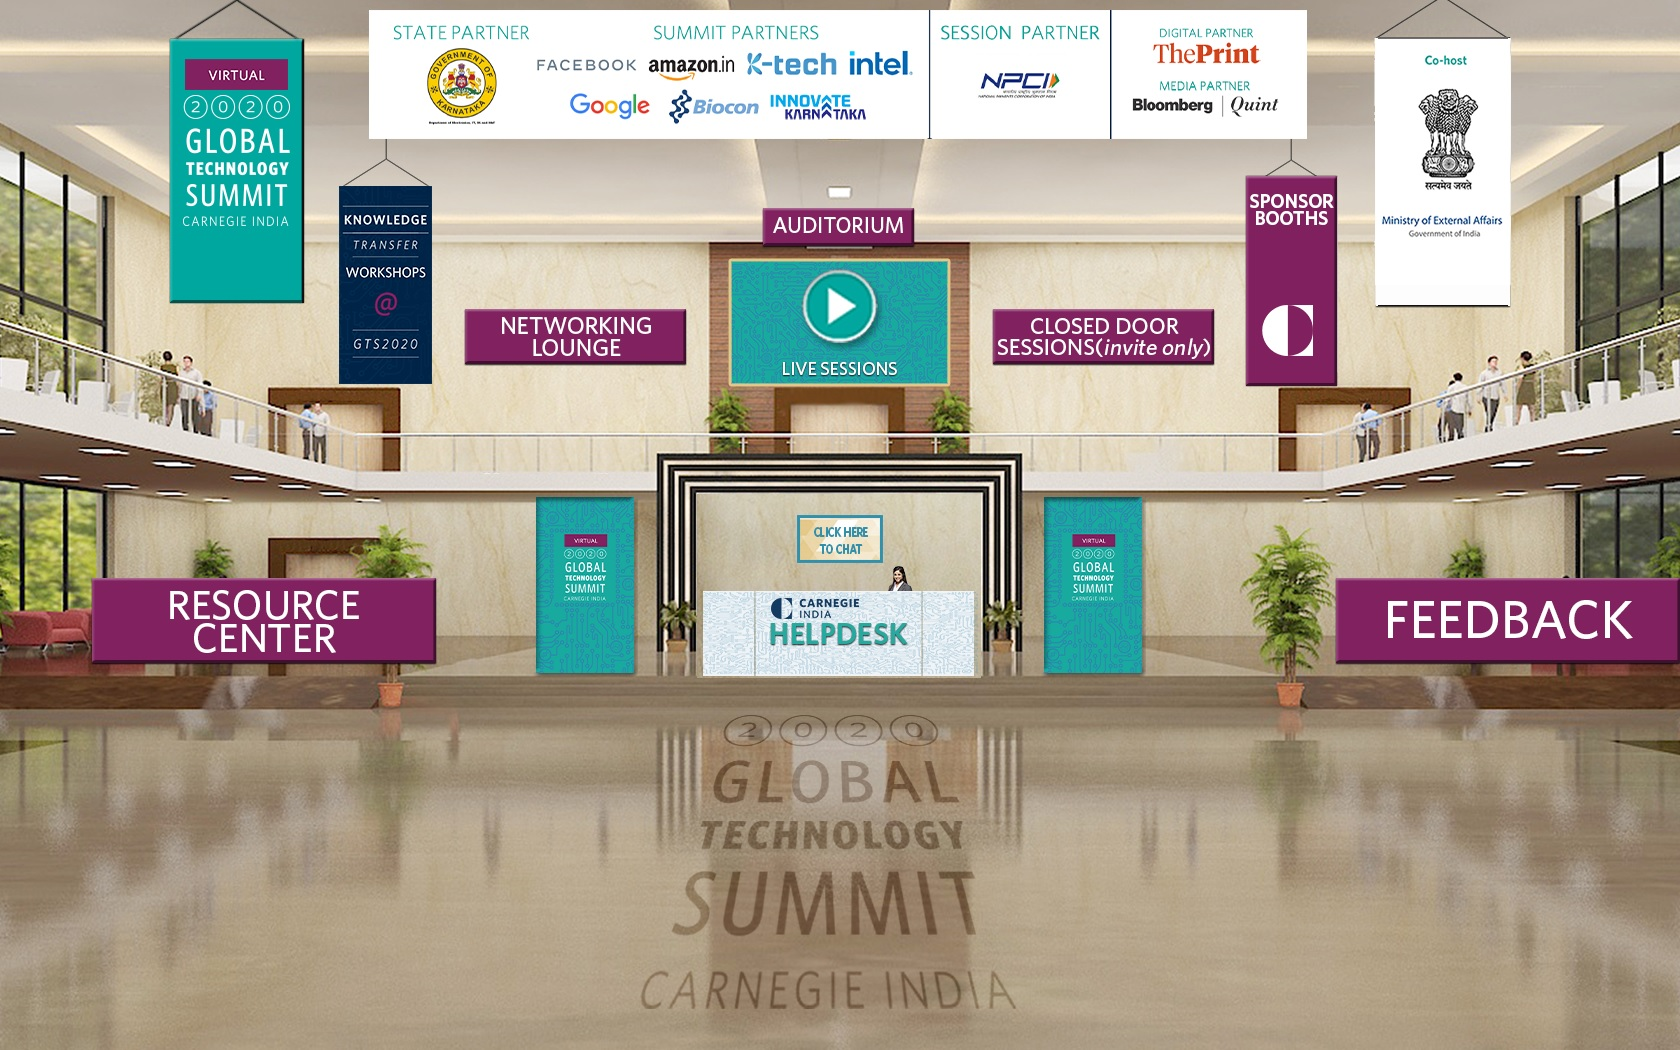 Virtual Global Technology Summit 2020, 14.12.-18.12.2020